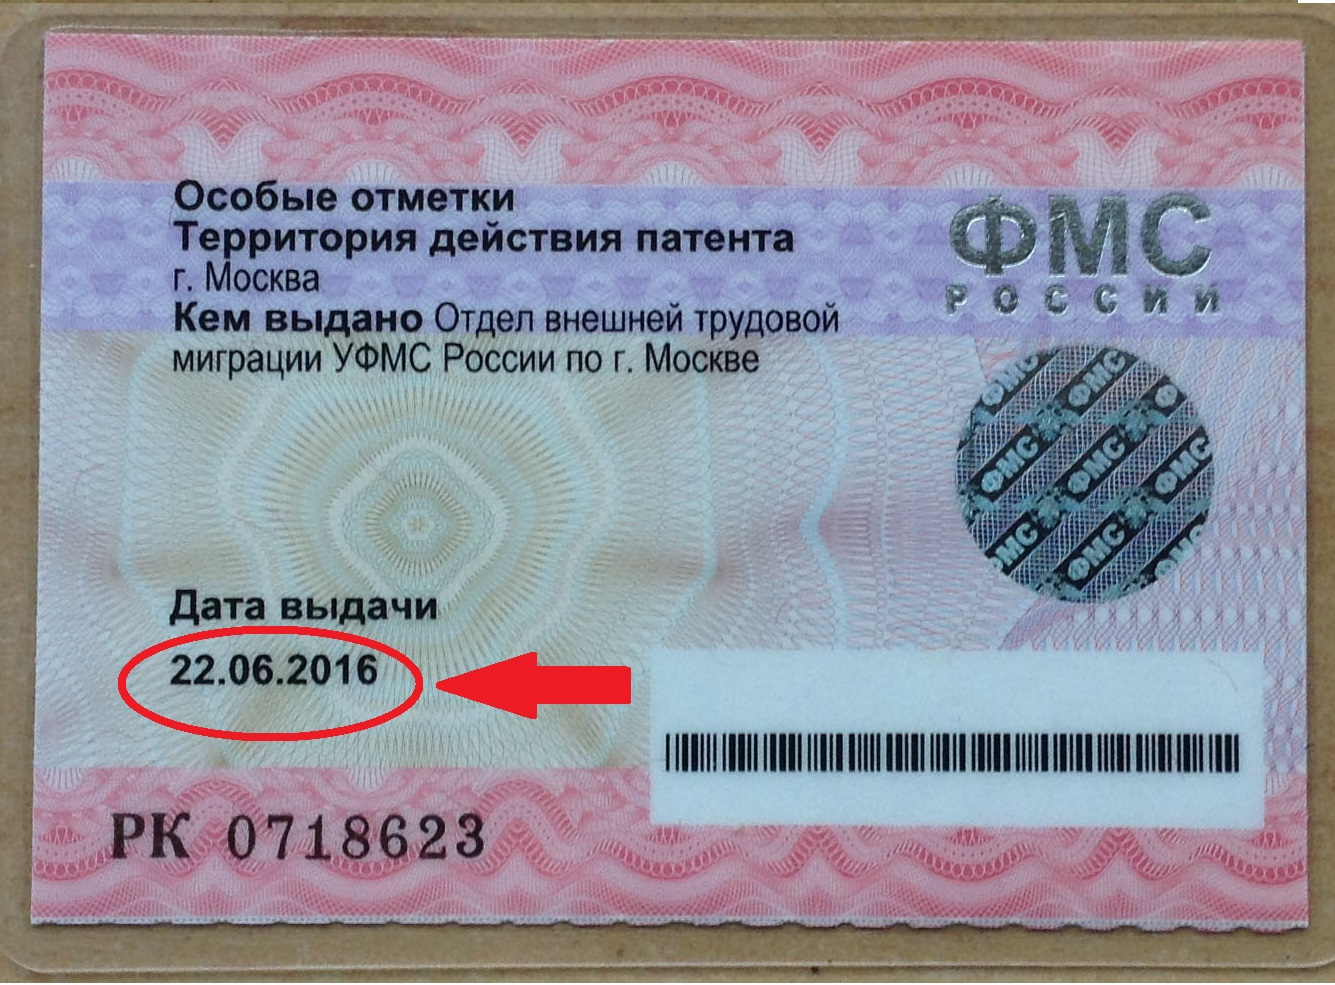 Патент на работу для иностранных граждан с 2015 года (новый закон).